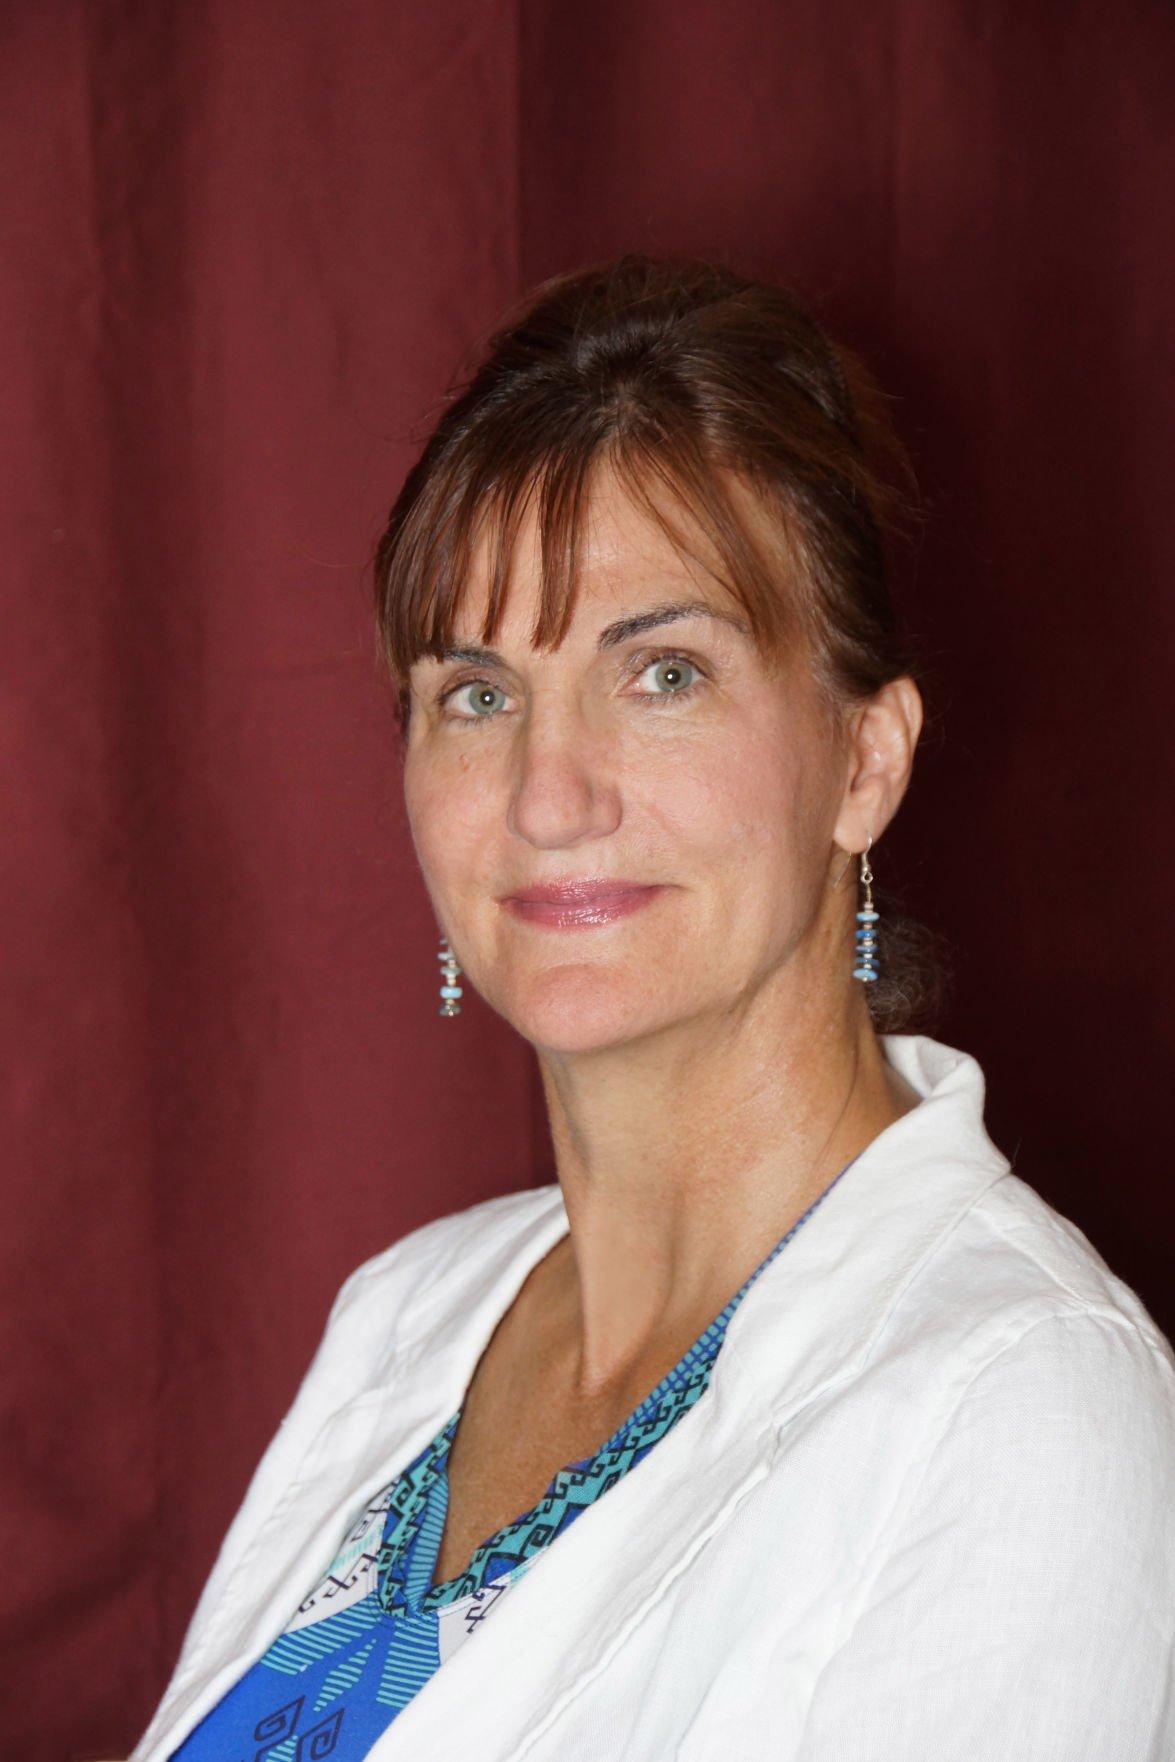 Elaine J Labach